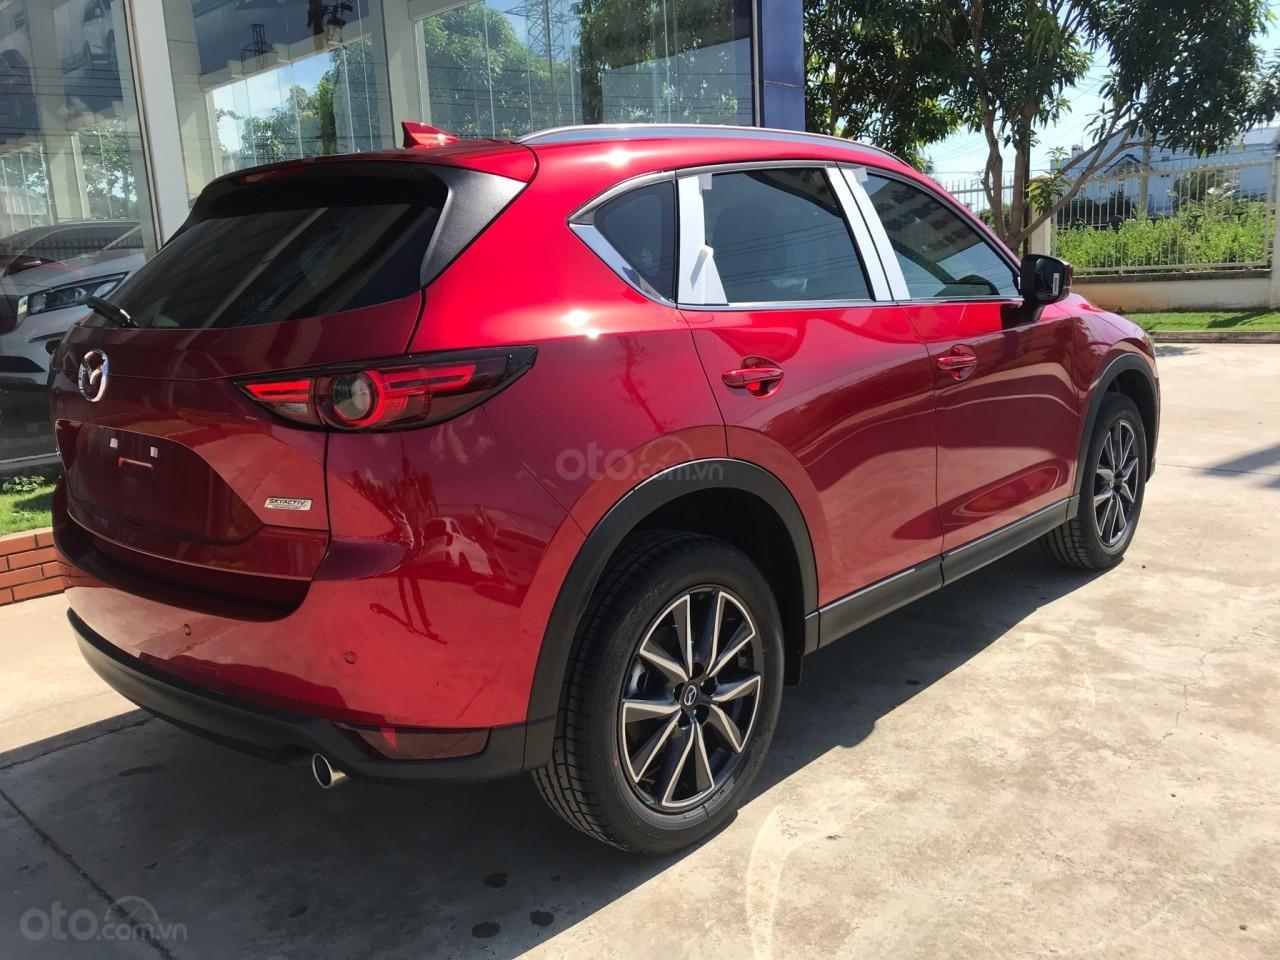 Bán xe Mazda CX5 2019 ưu đãi tốt trong tháng, LH: 0938 906 560 Mr. Giang-0